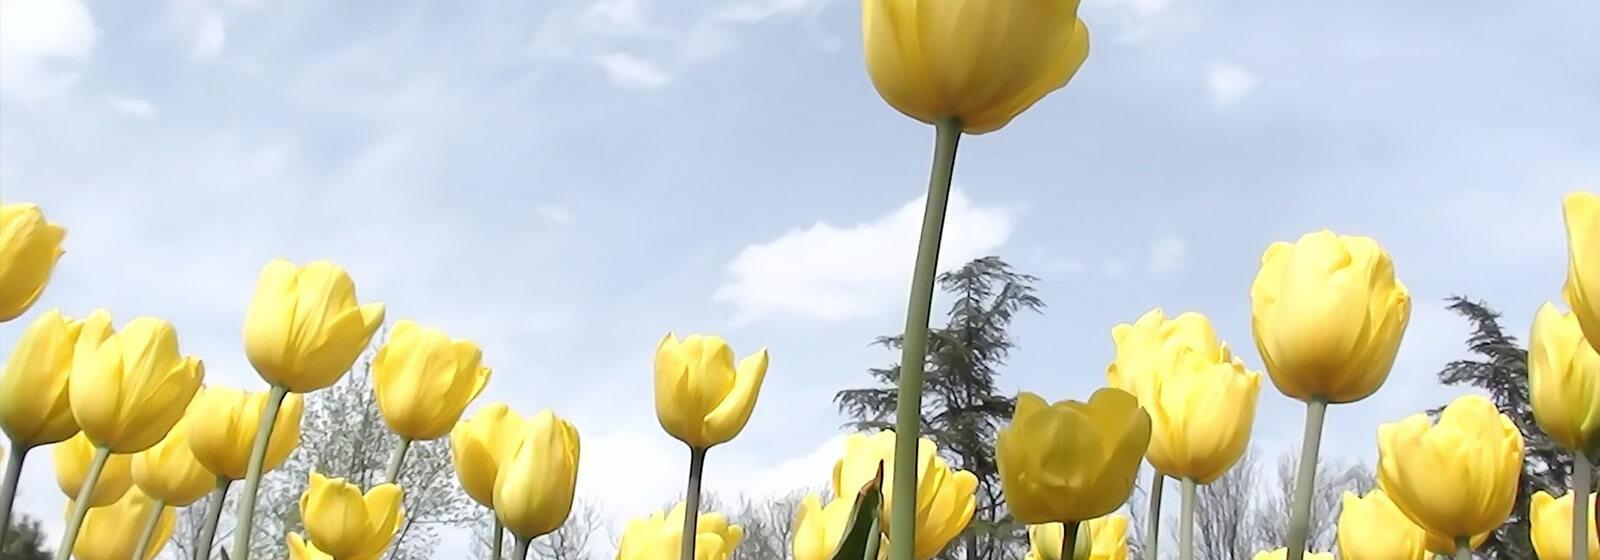 flowers image slide